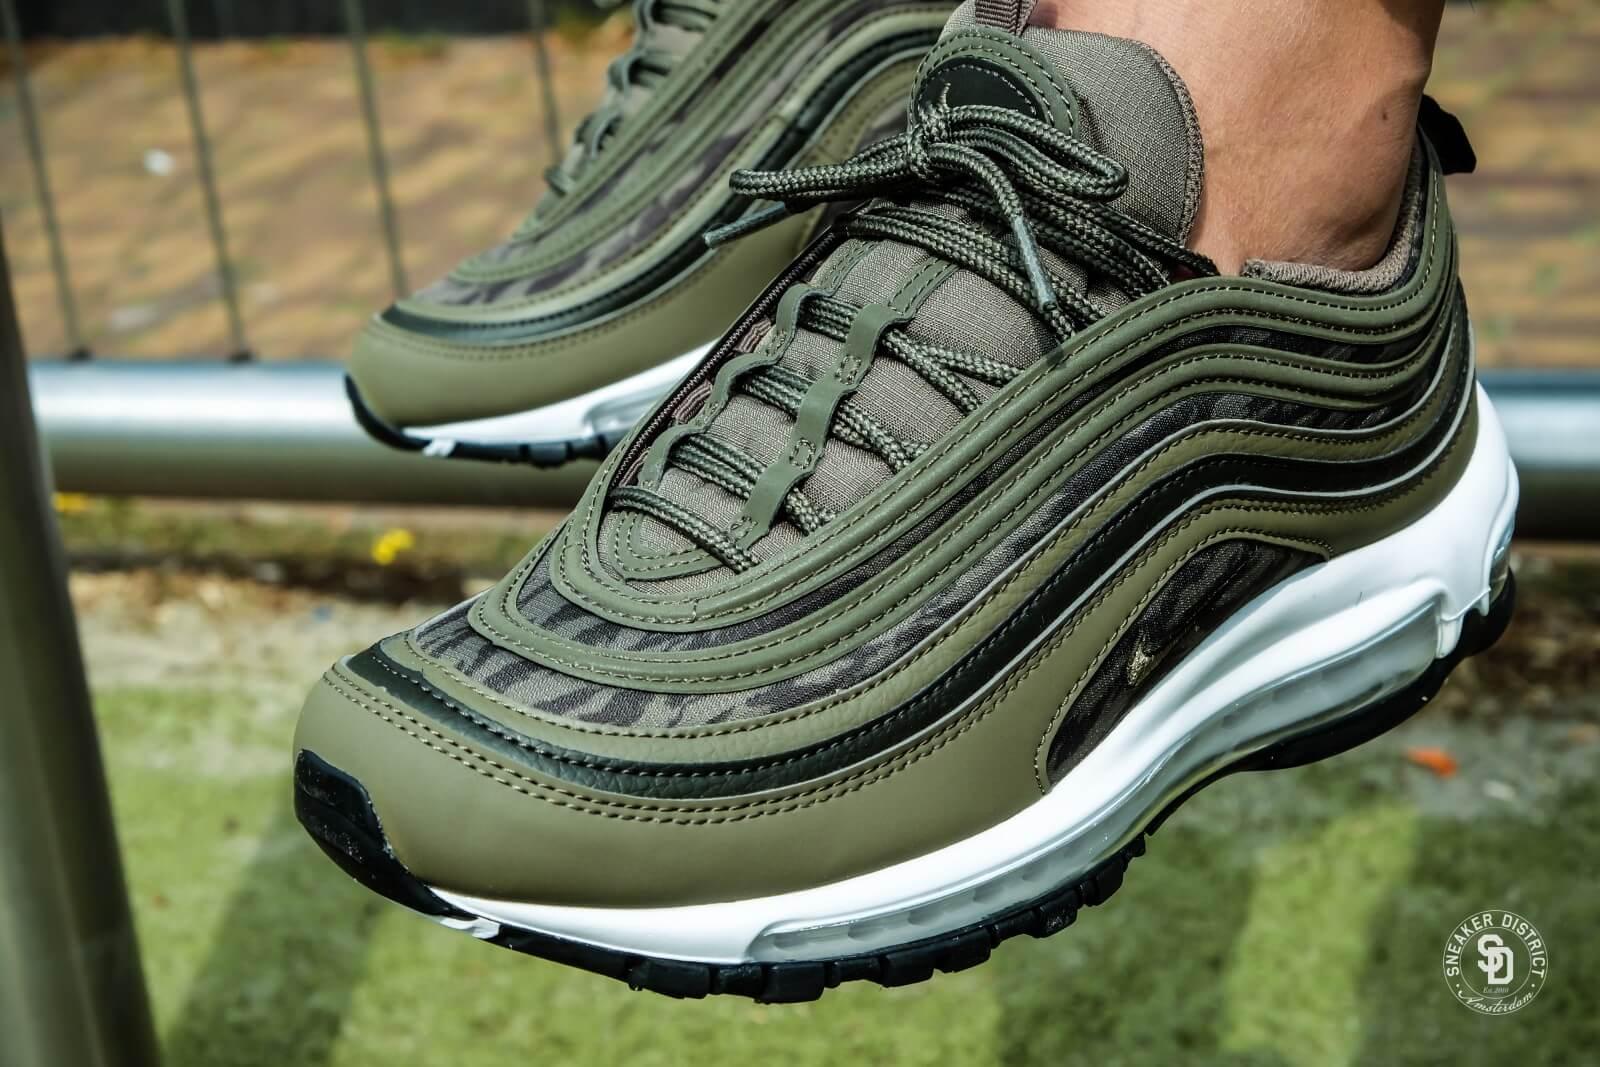 Nike Air Max 97 AOP Medium Olive/Sequoia-Black - AQ4132-200